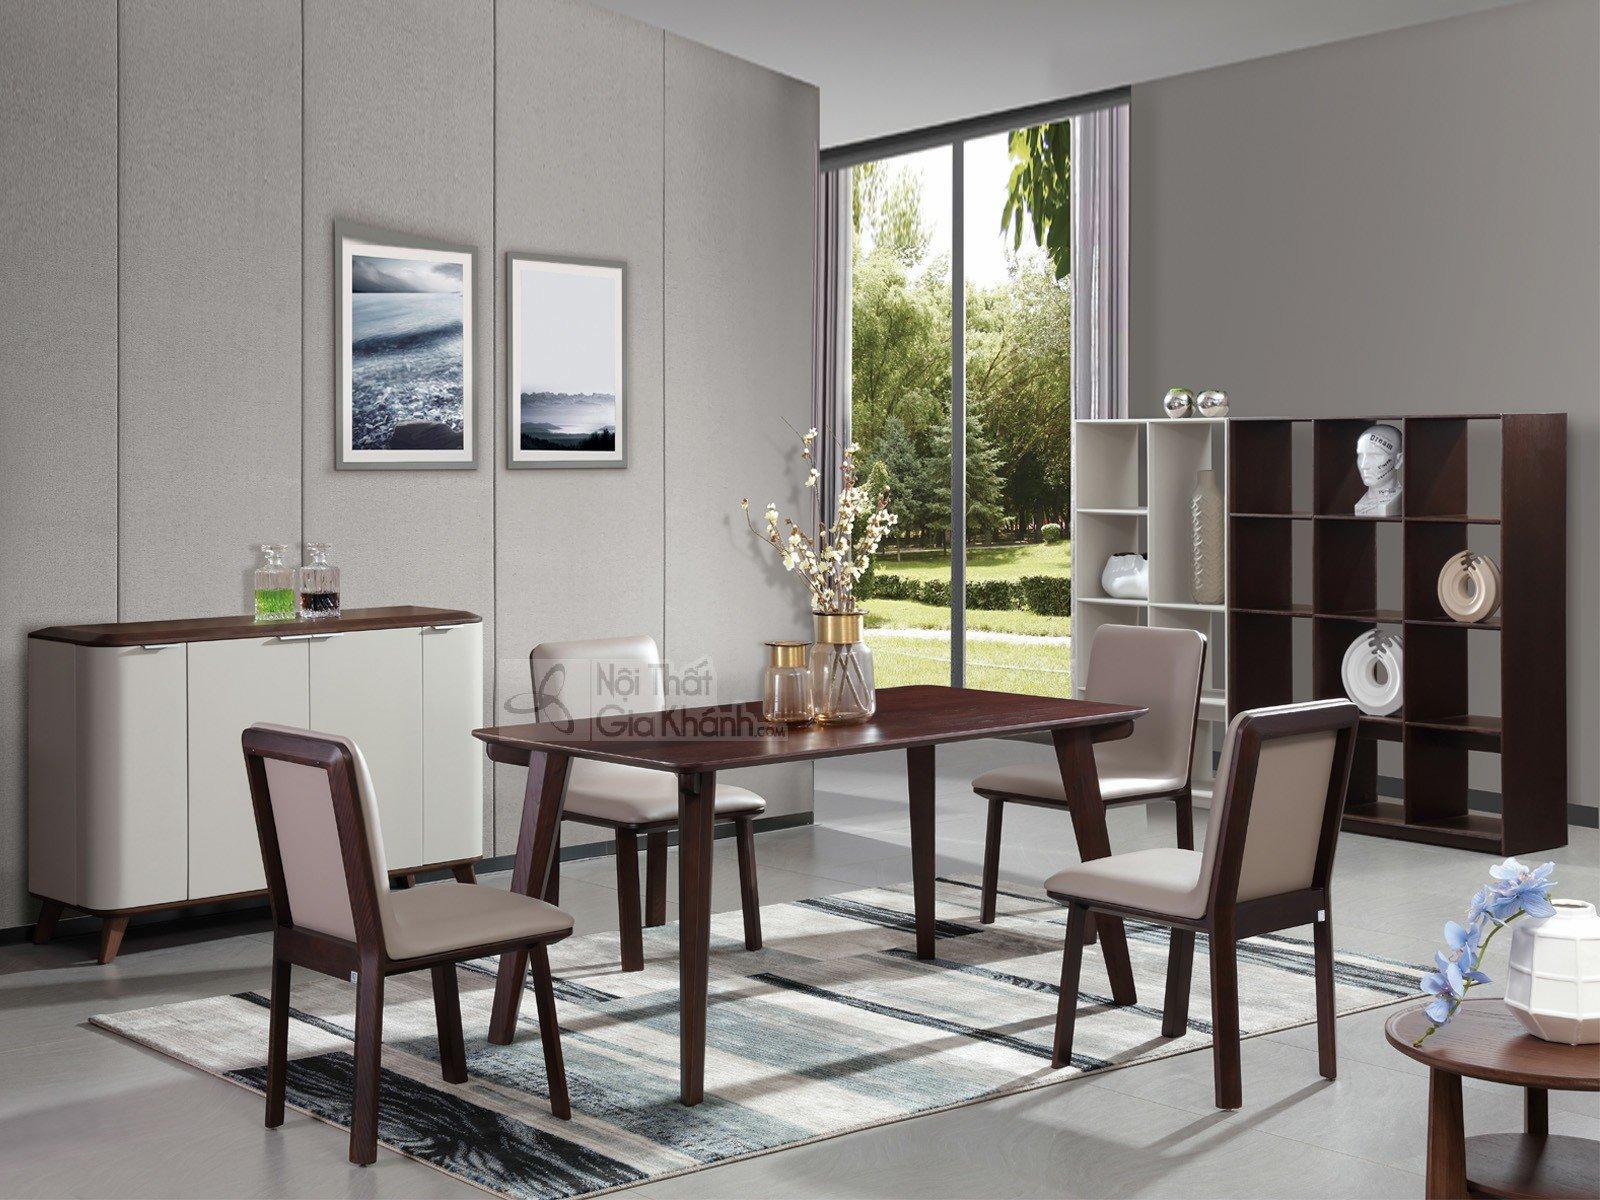 Tủ đựng đồ gỗ trang trí phong cách hiện đại KB1801